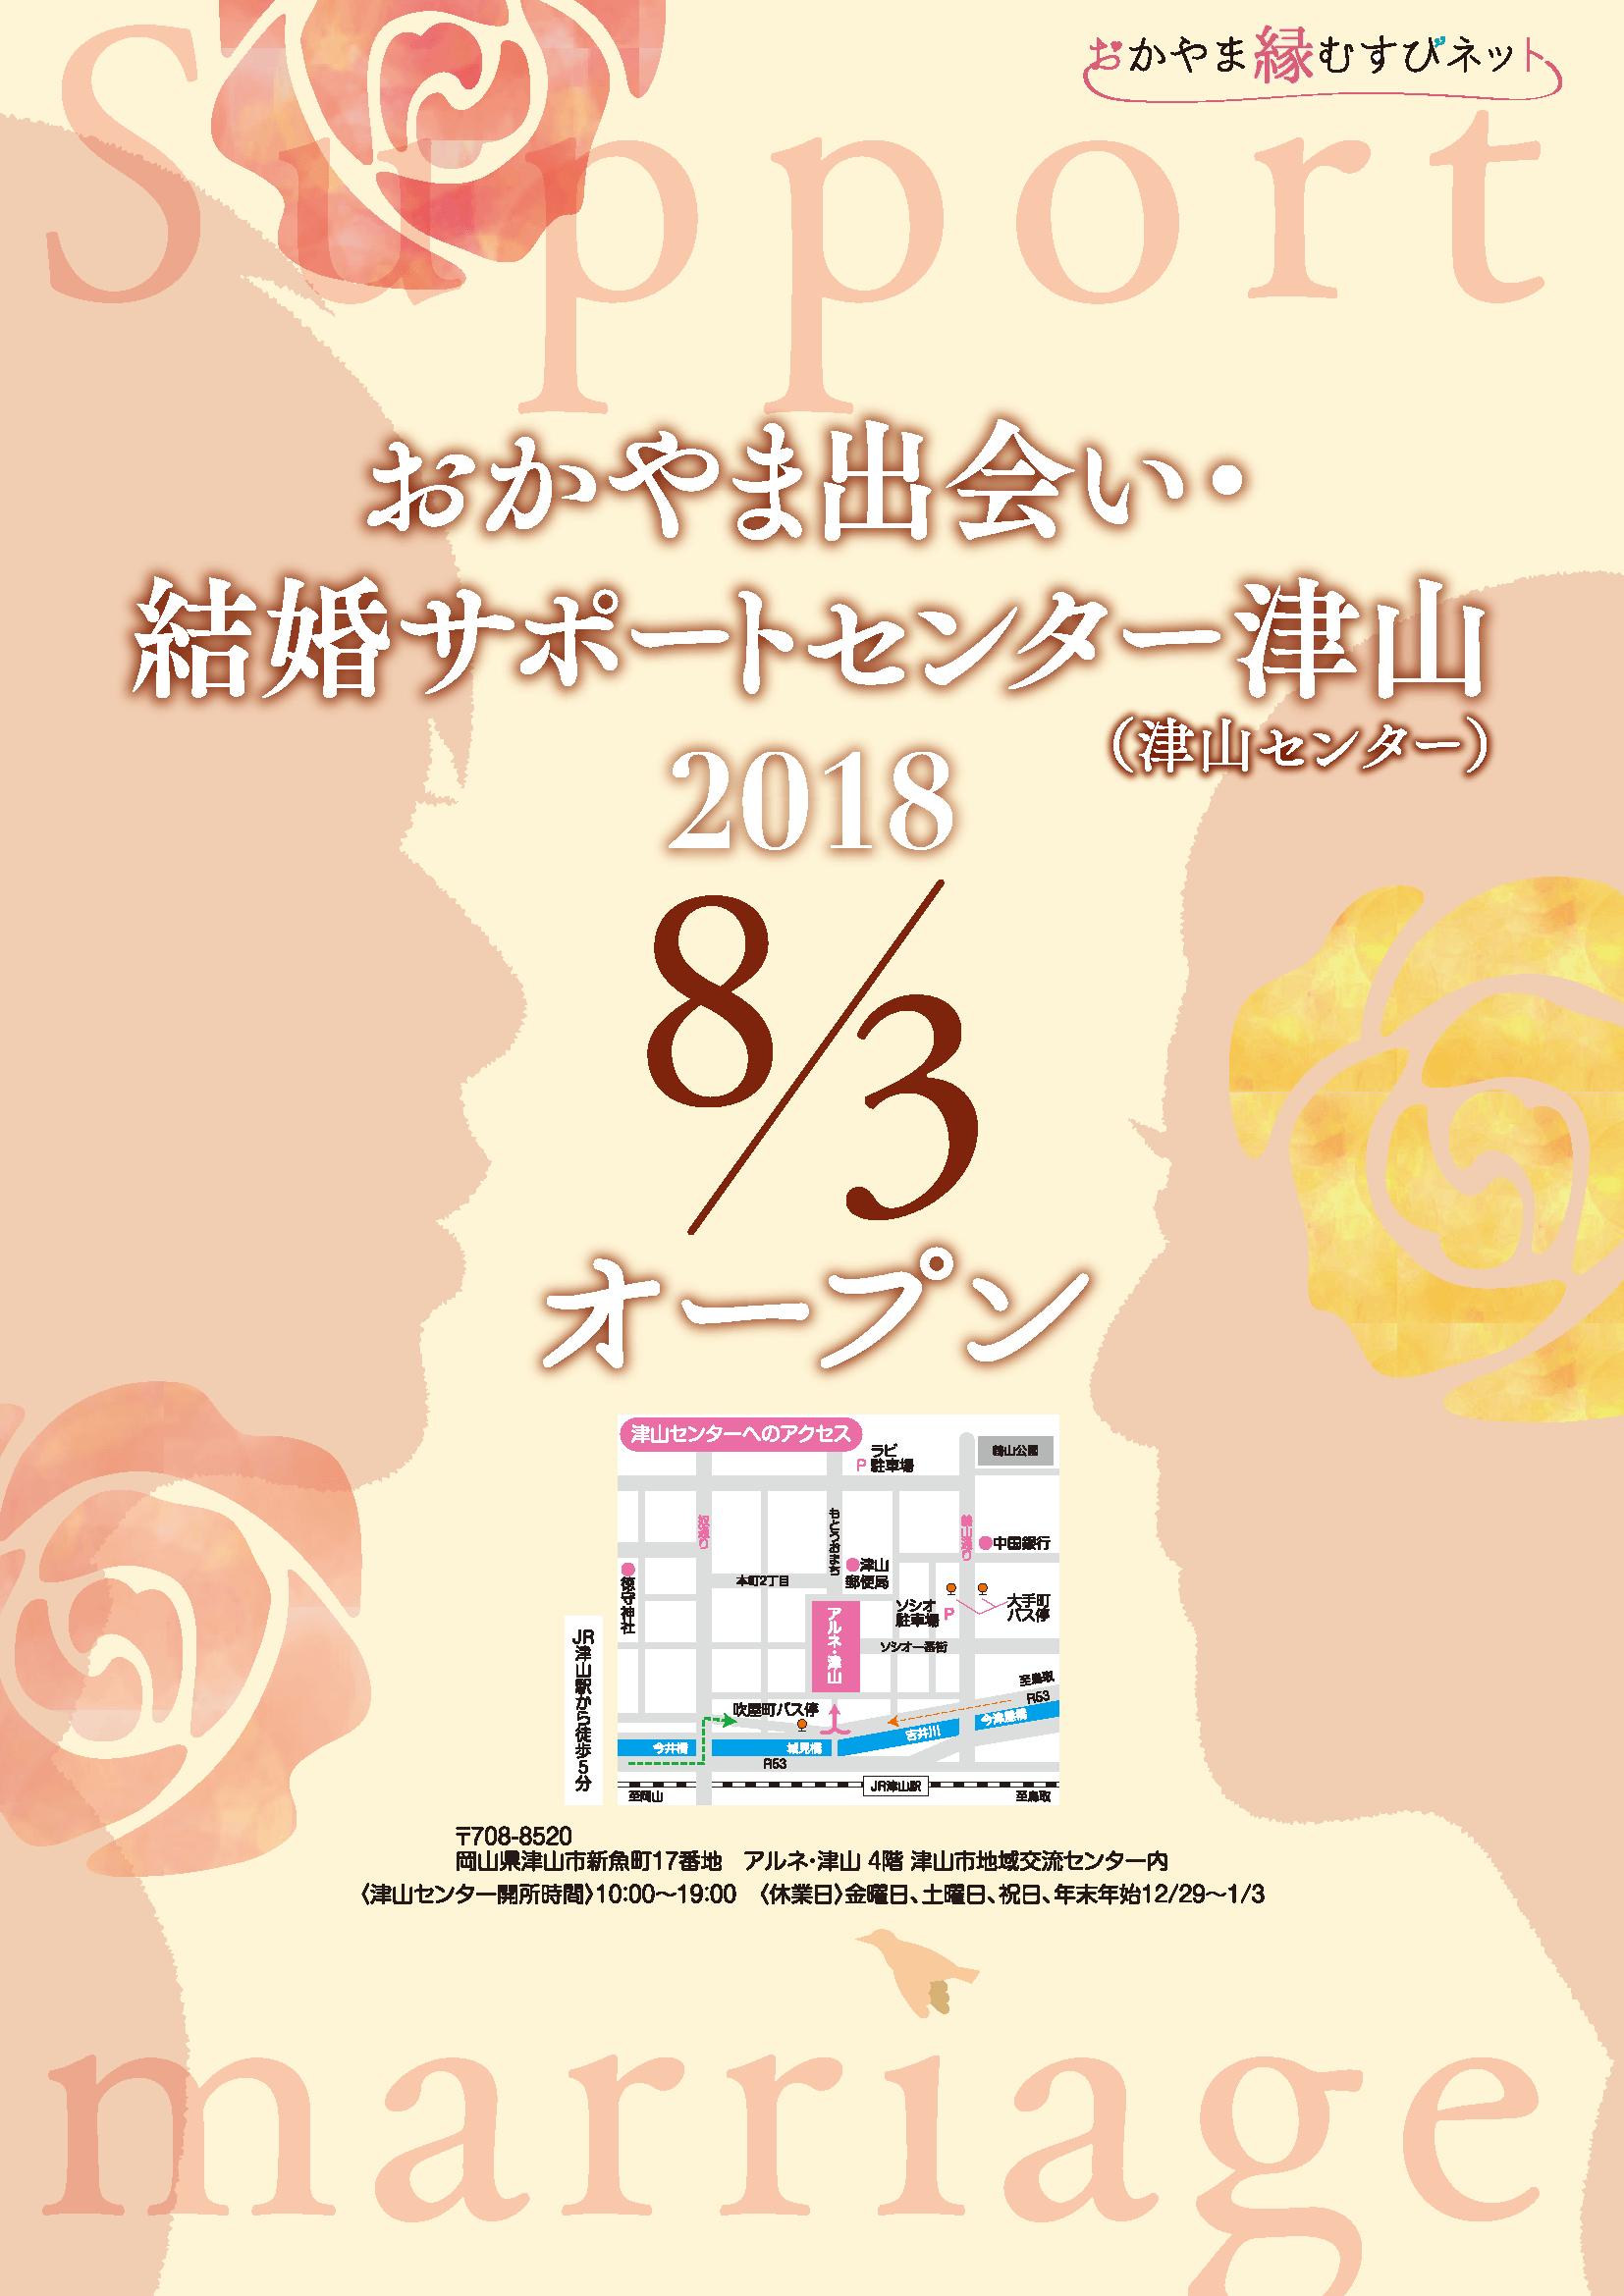 おかやま出会い・結婚サポートセンター津山01